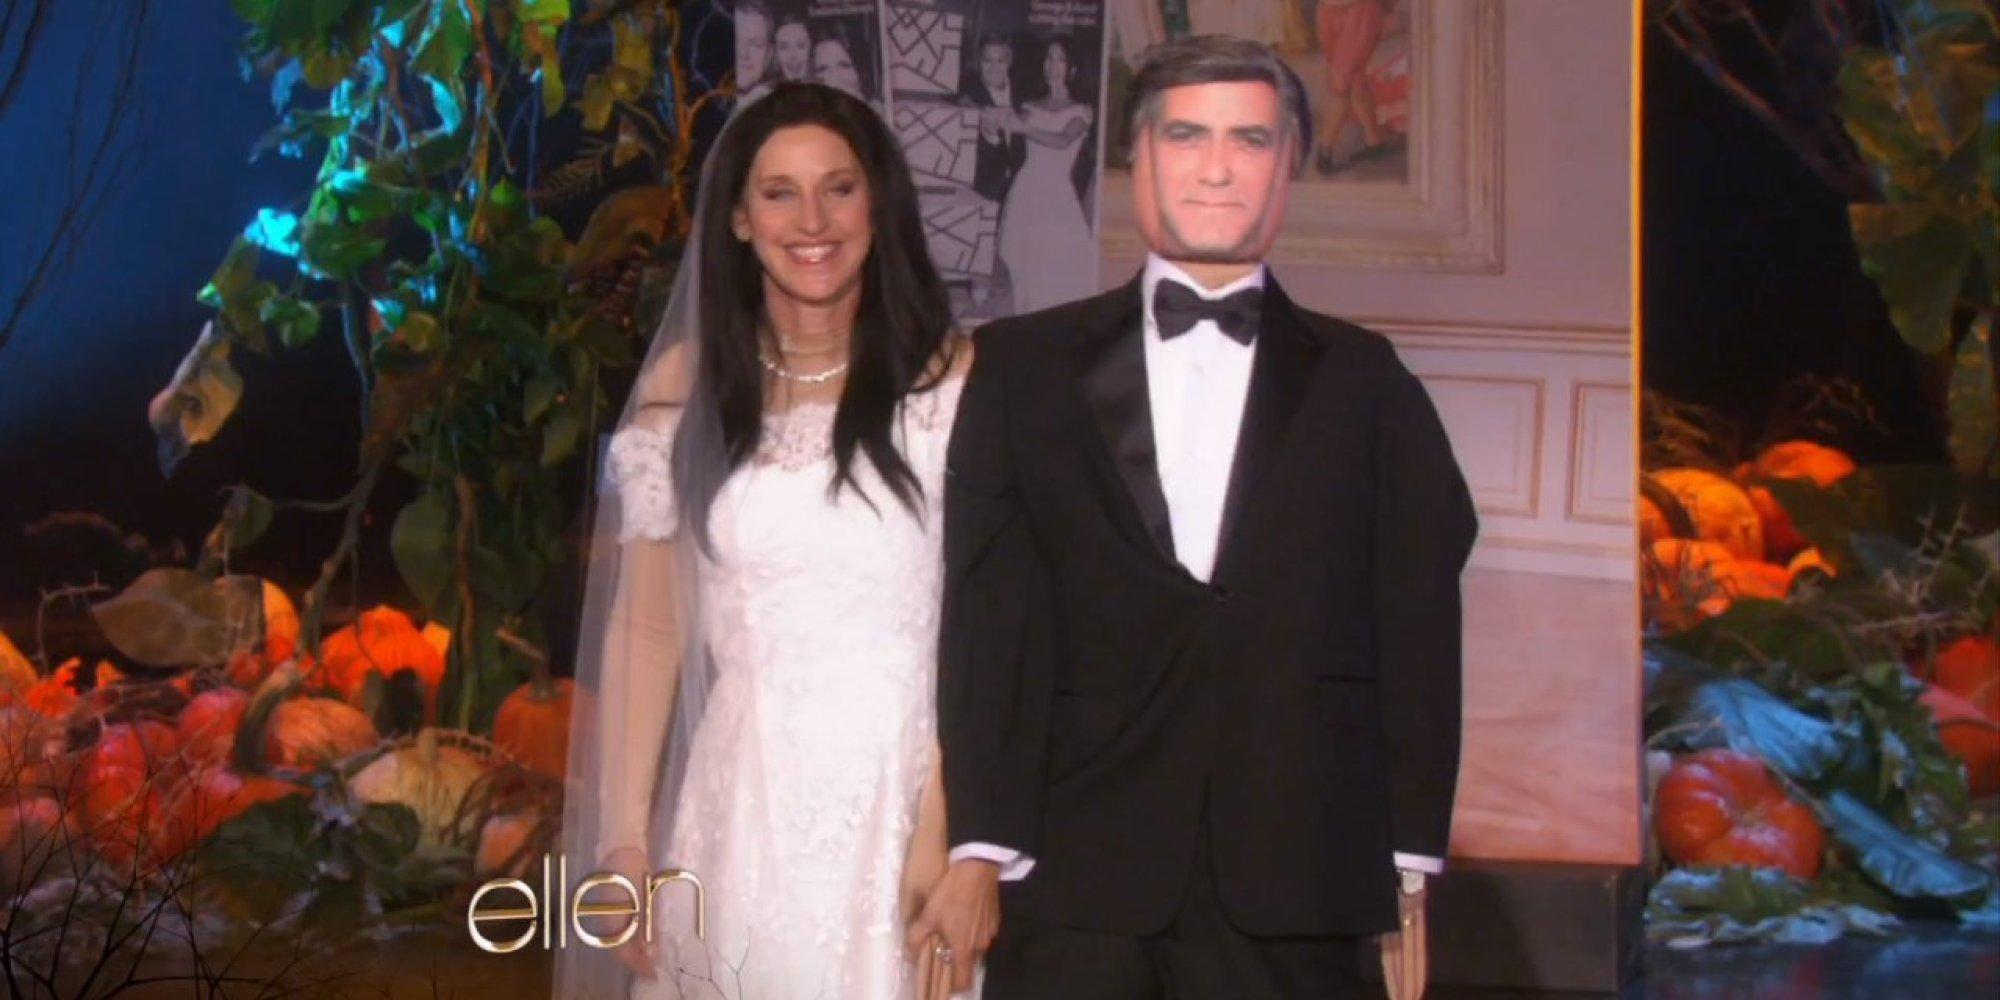 Ellen DeGeneres Marries George Clooney For Halloween | HuffPost